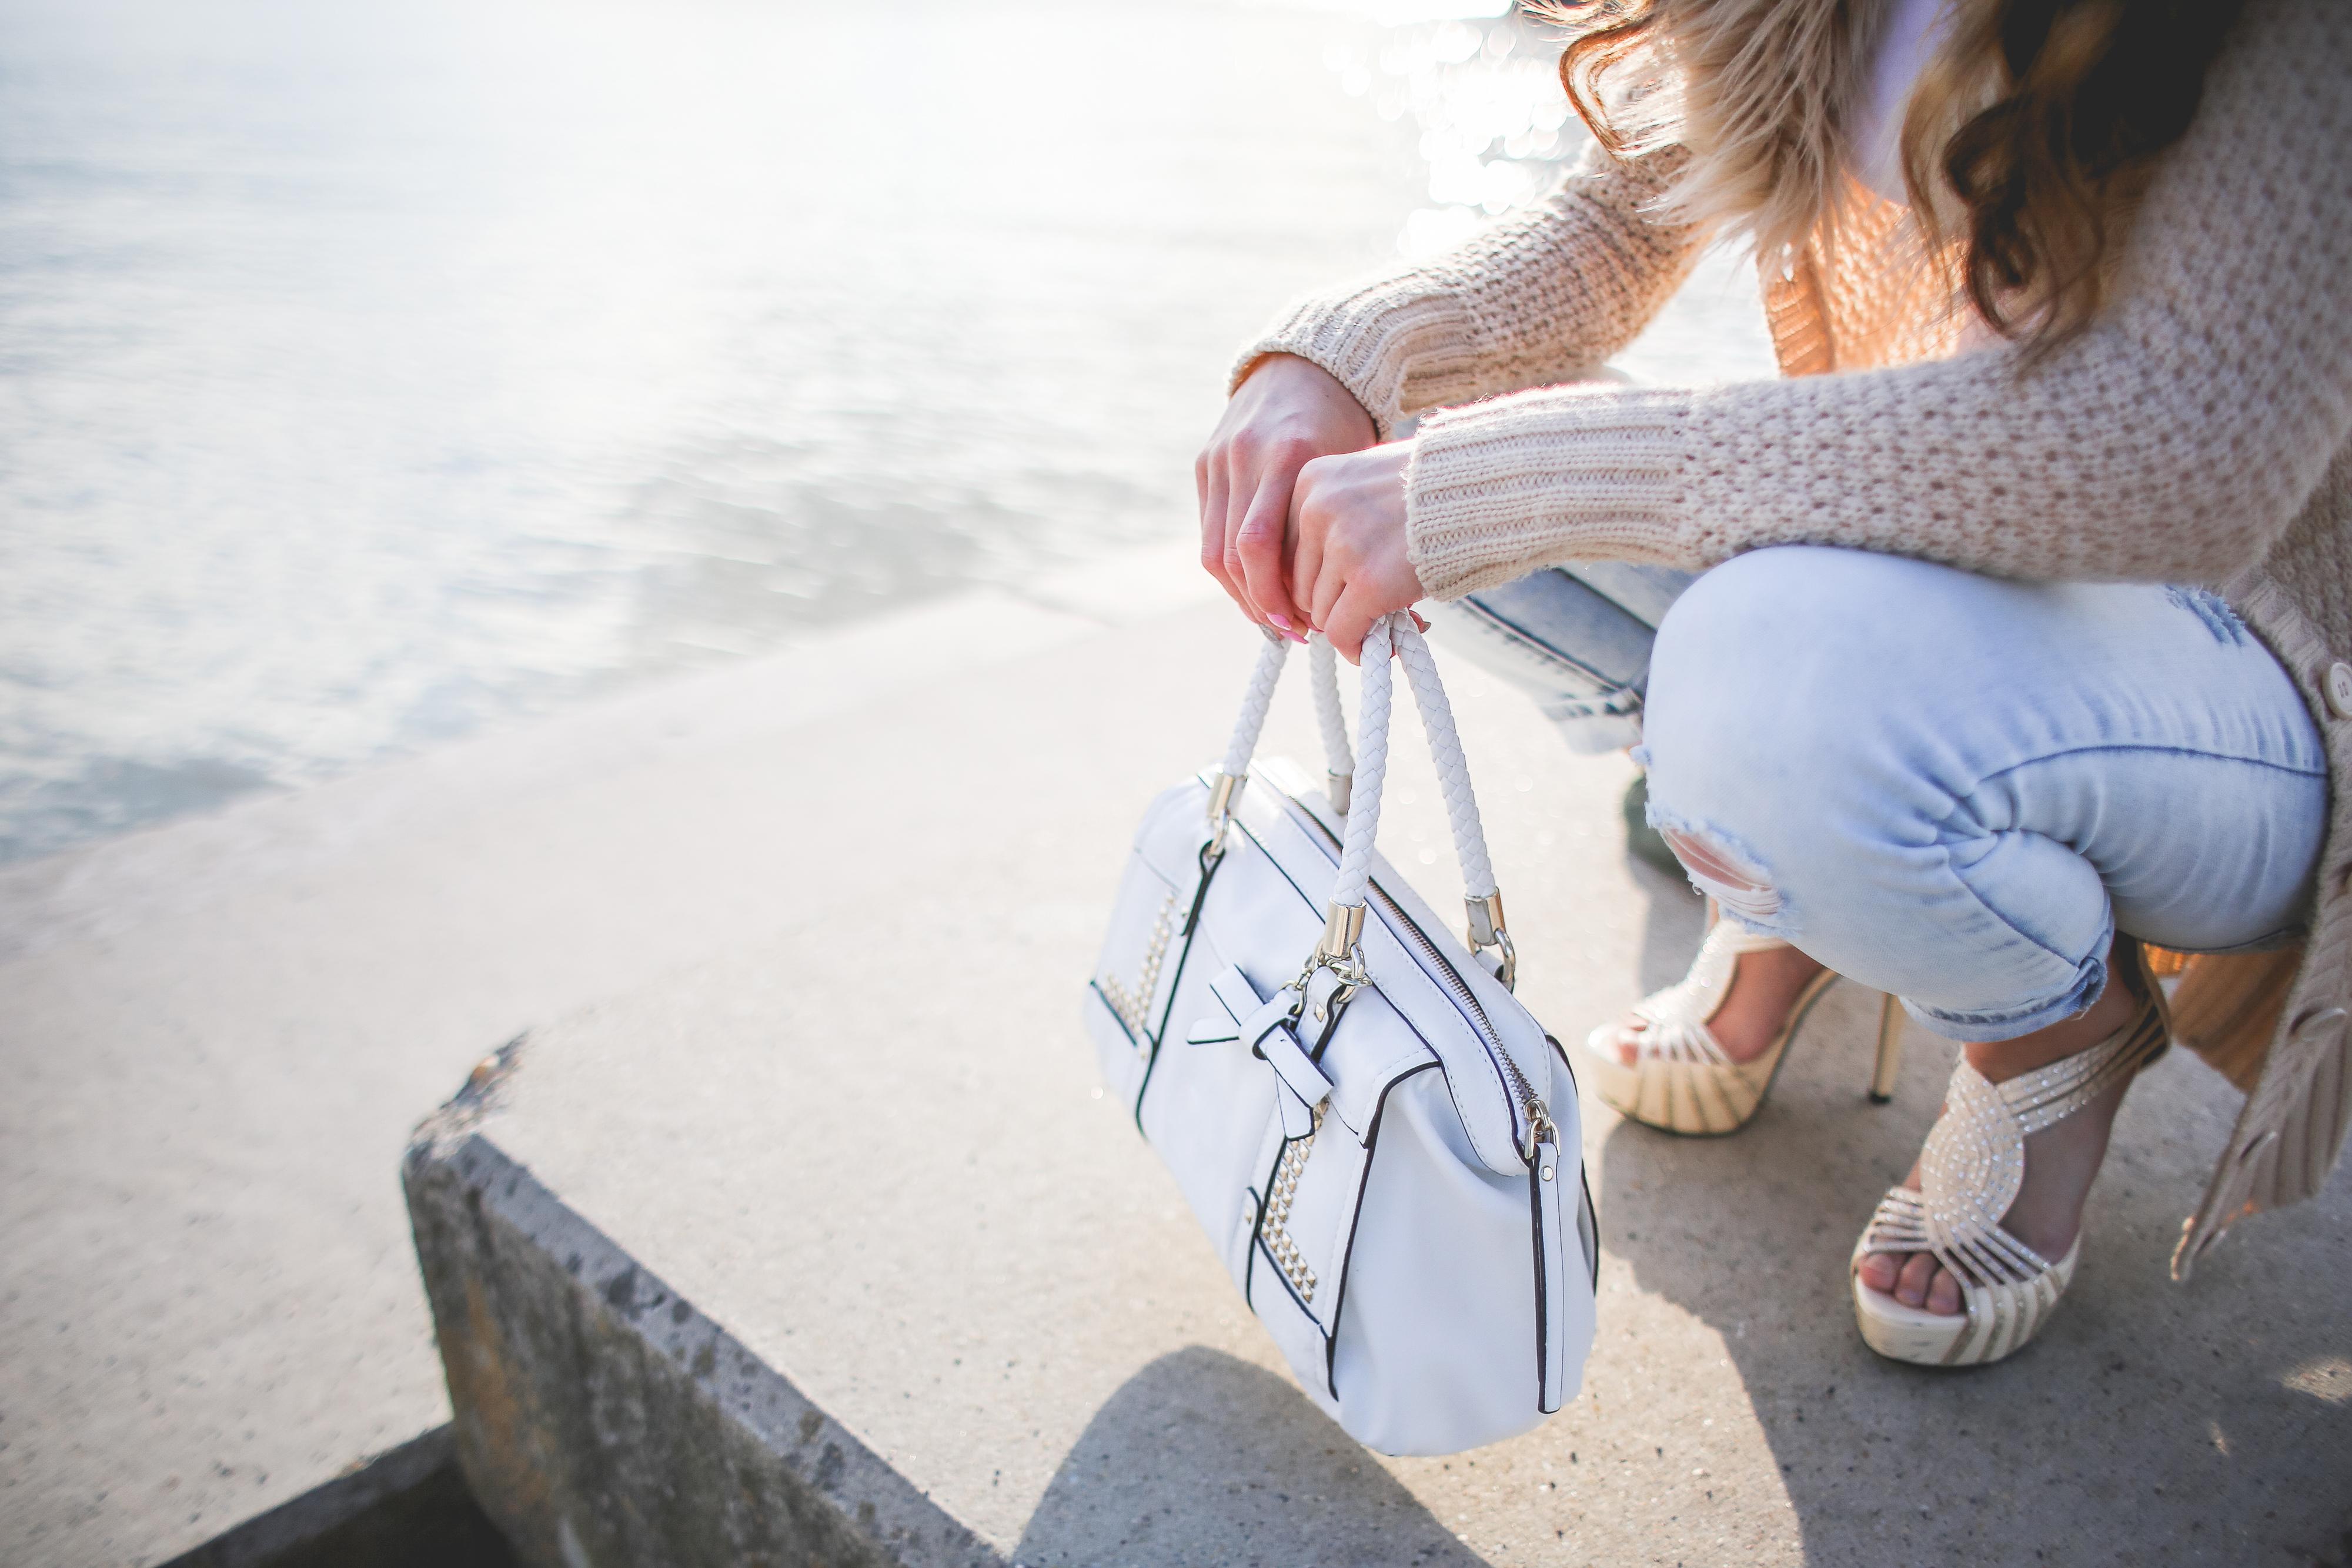 Nederlandse vrouw staat 's ochtends inspiratieloos voor de kledingkast - Stijlvolmamablog.nl